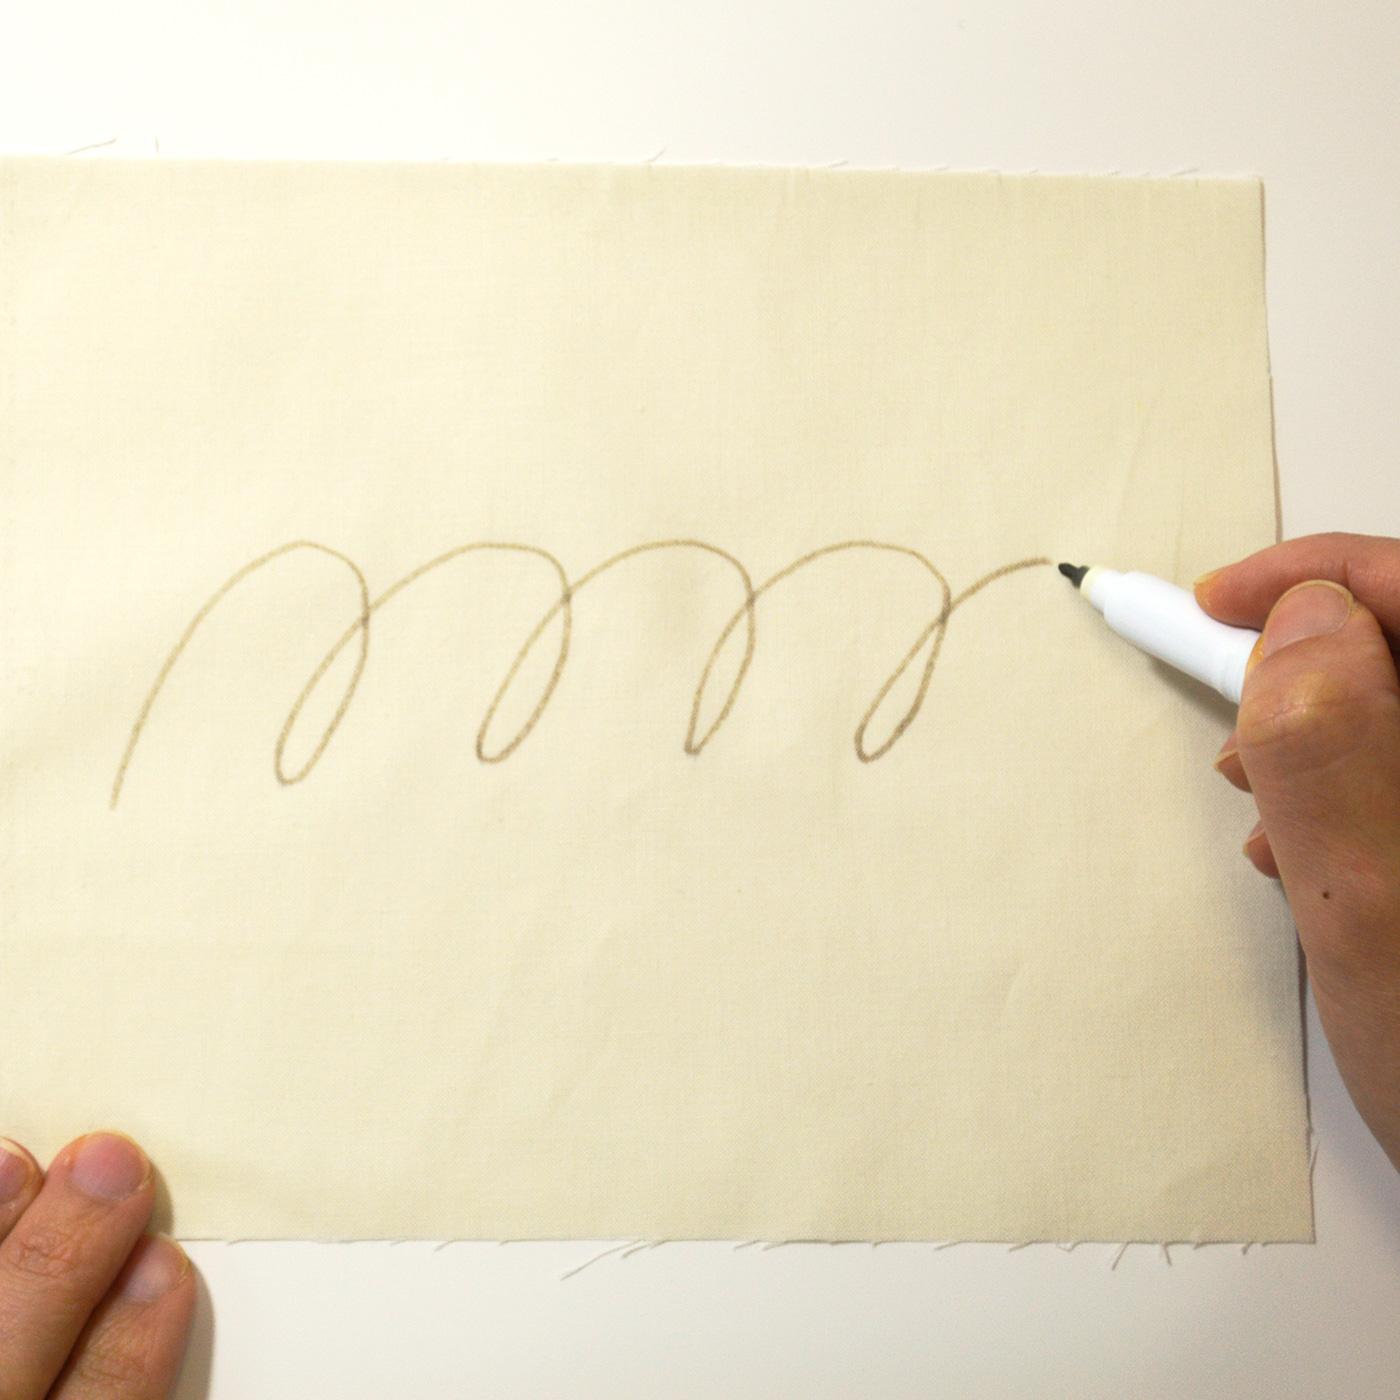 太書きで書いた線です